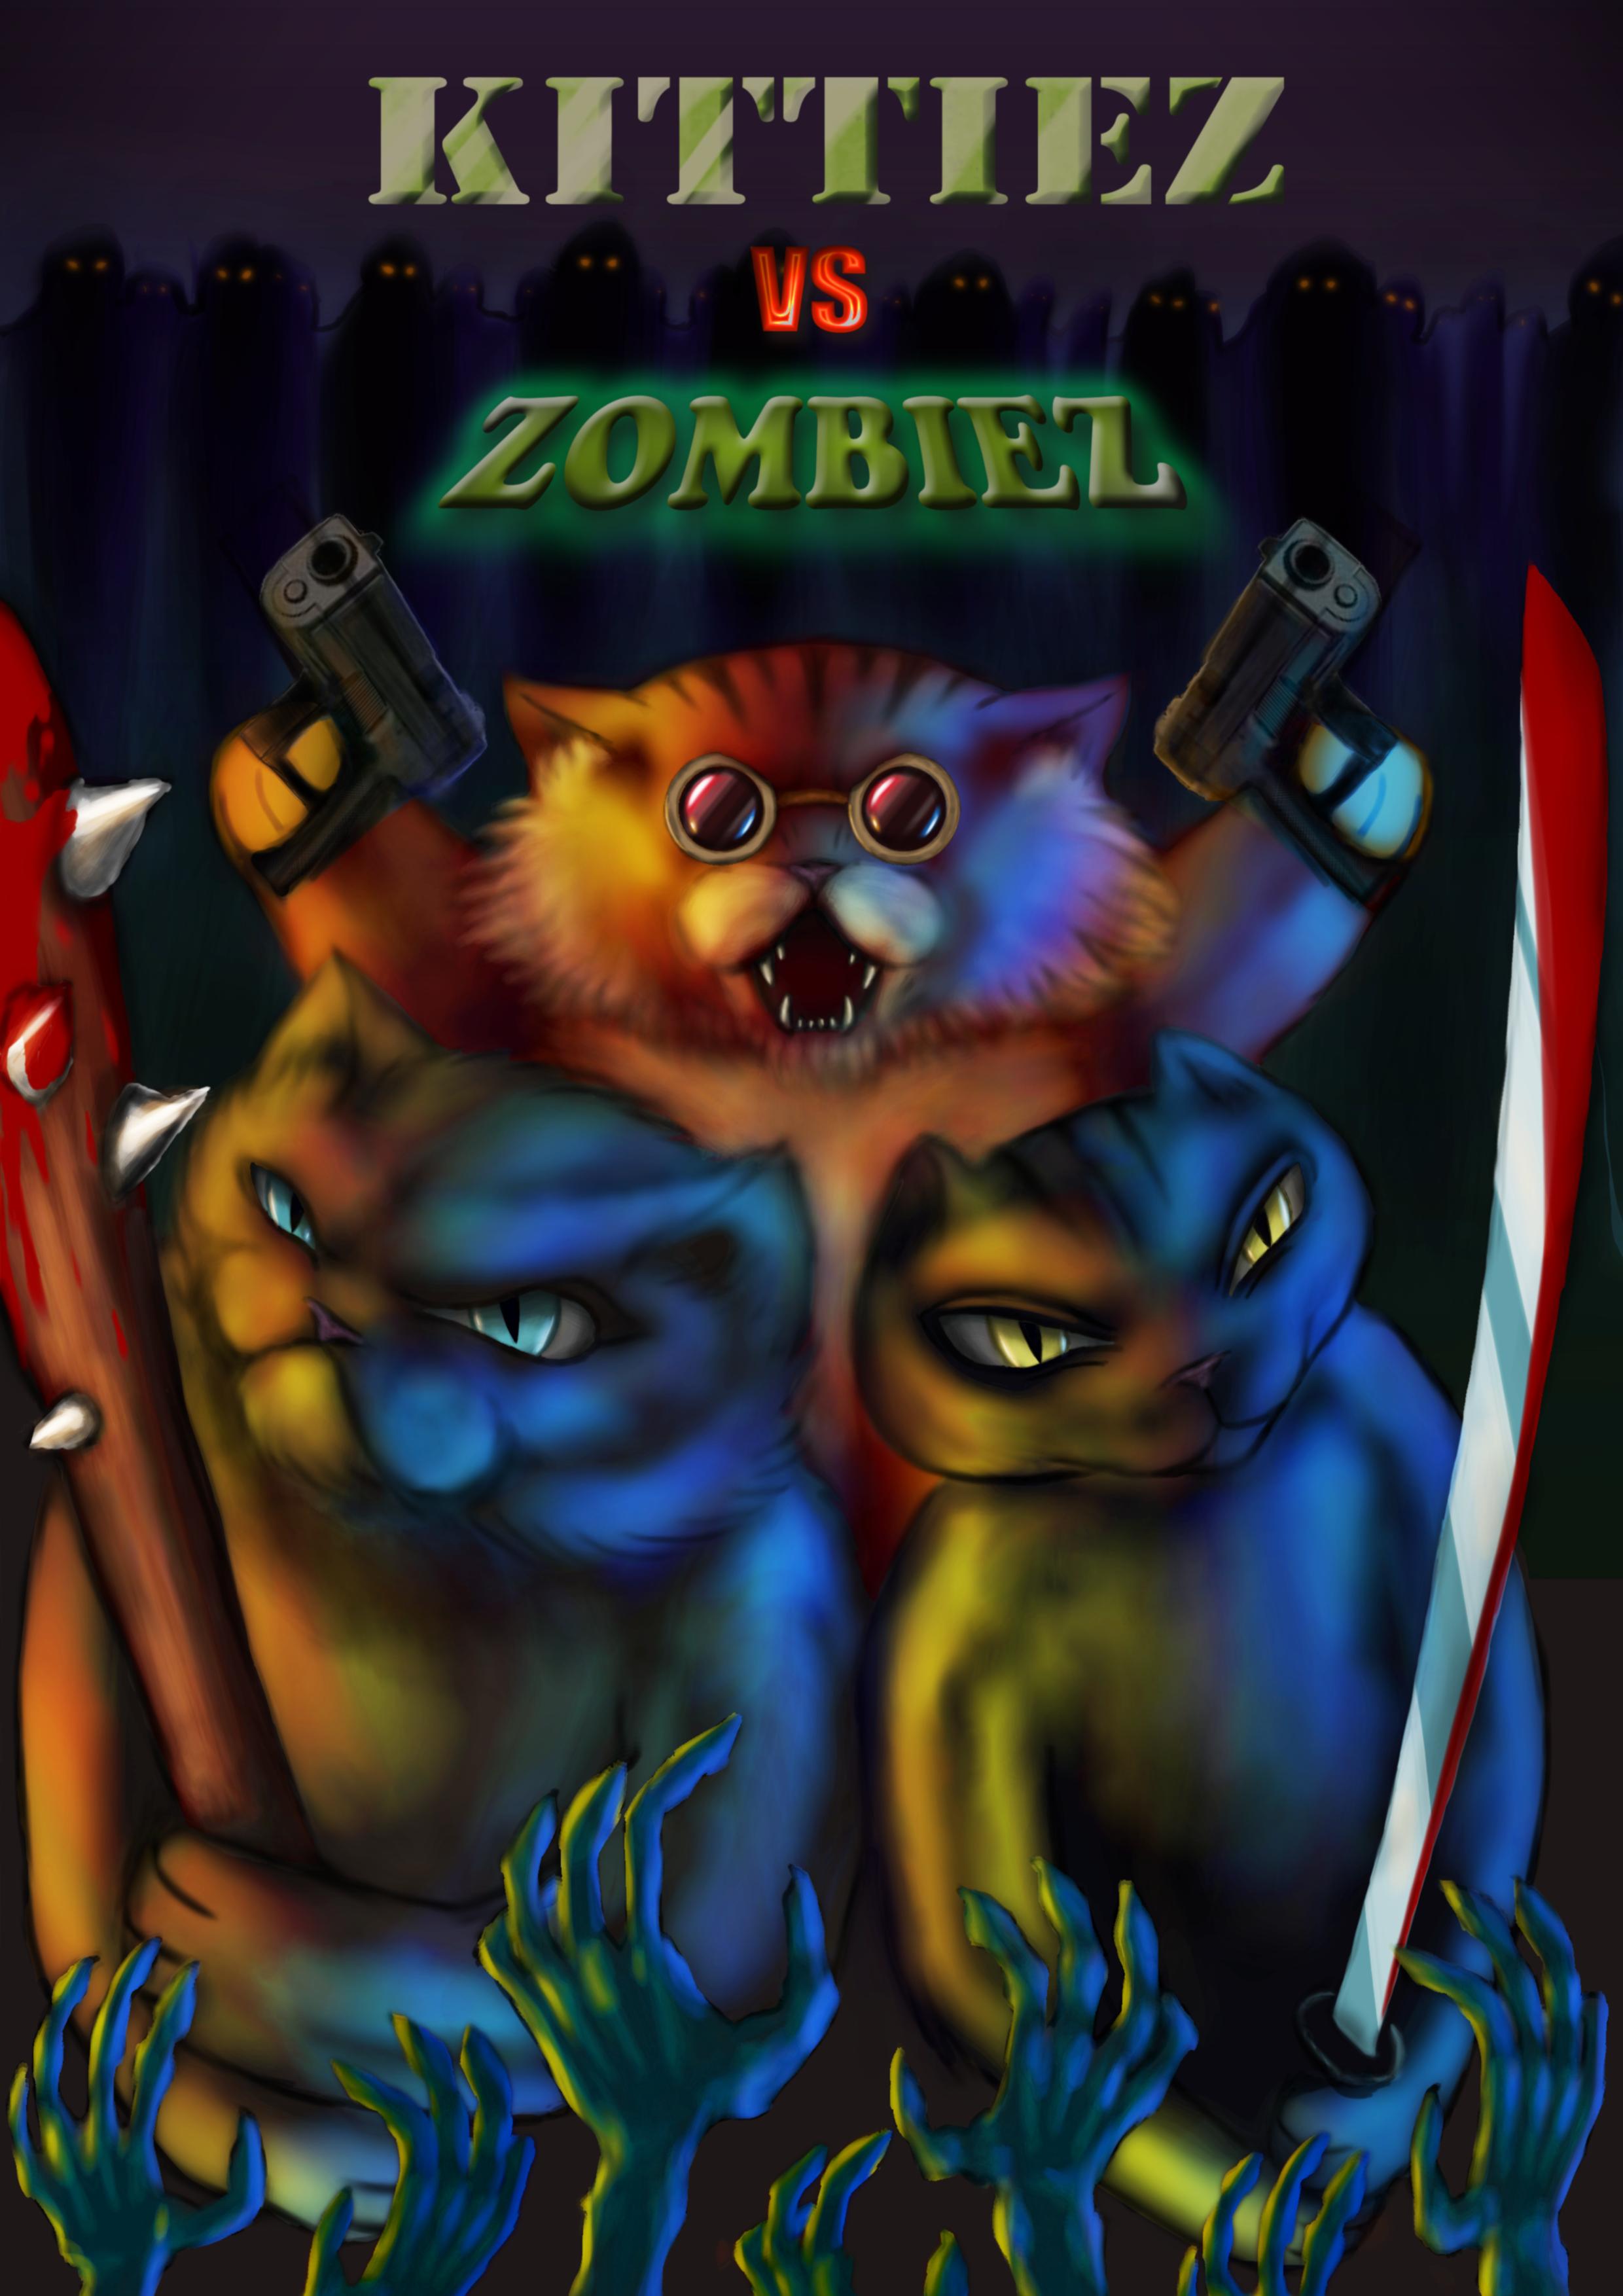 Kittiez VS Zombiez